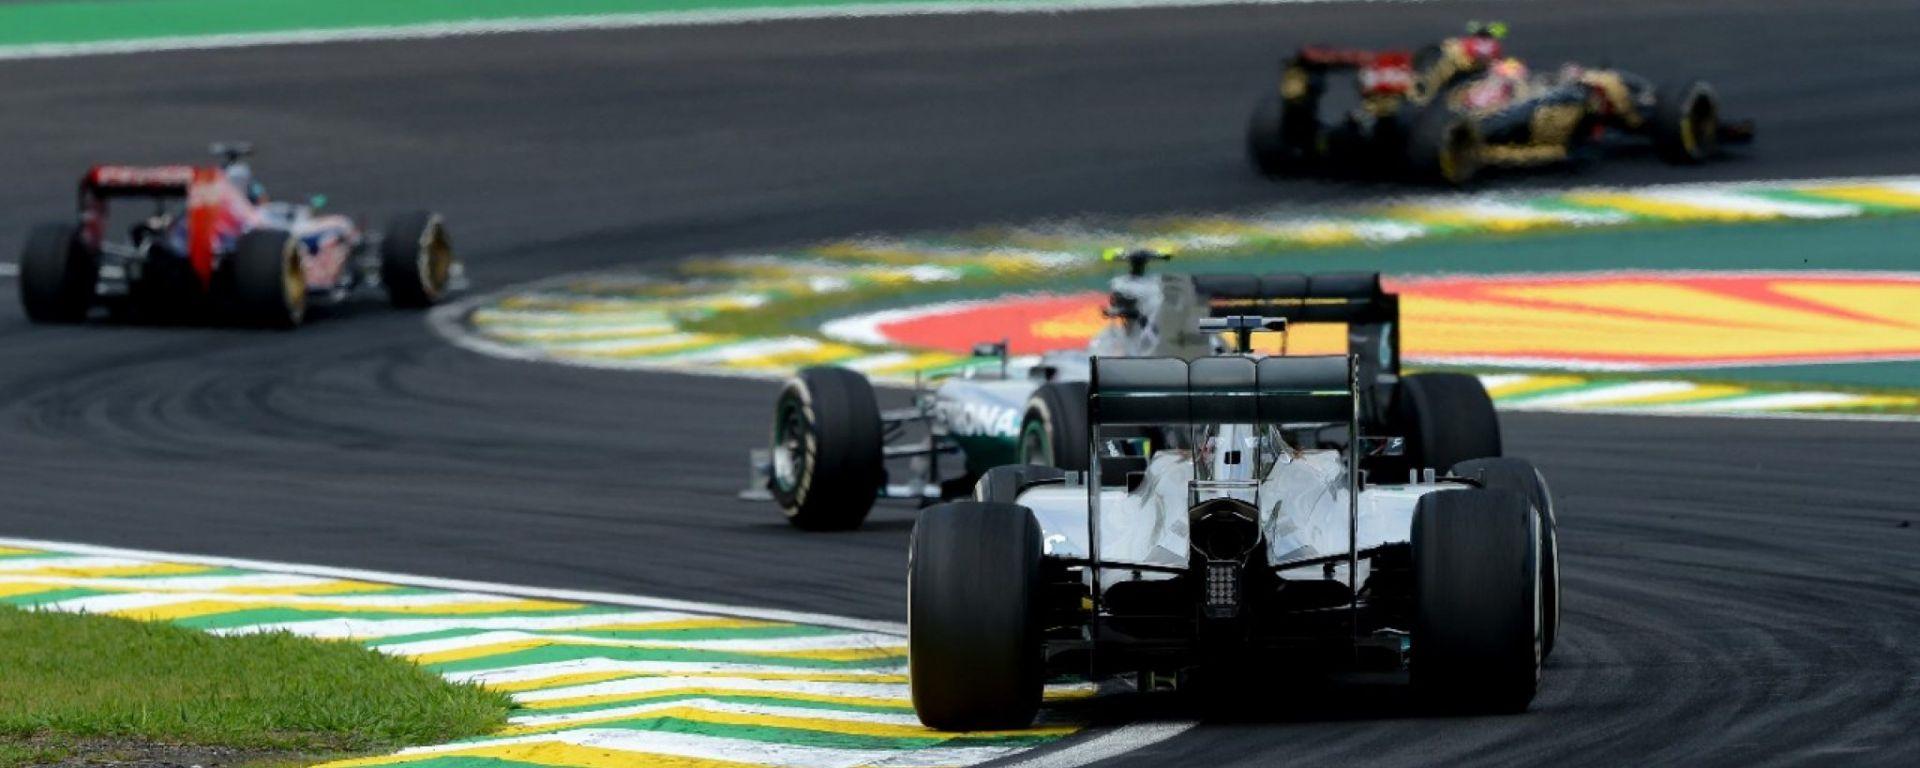 F1 2016 - Gran Premio del Brasile - Info e Risultati